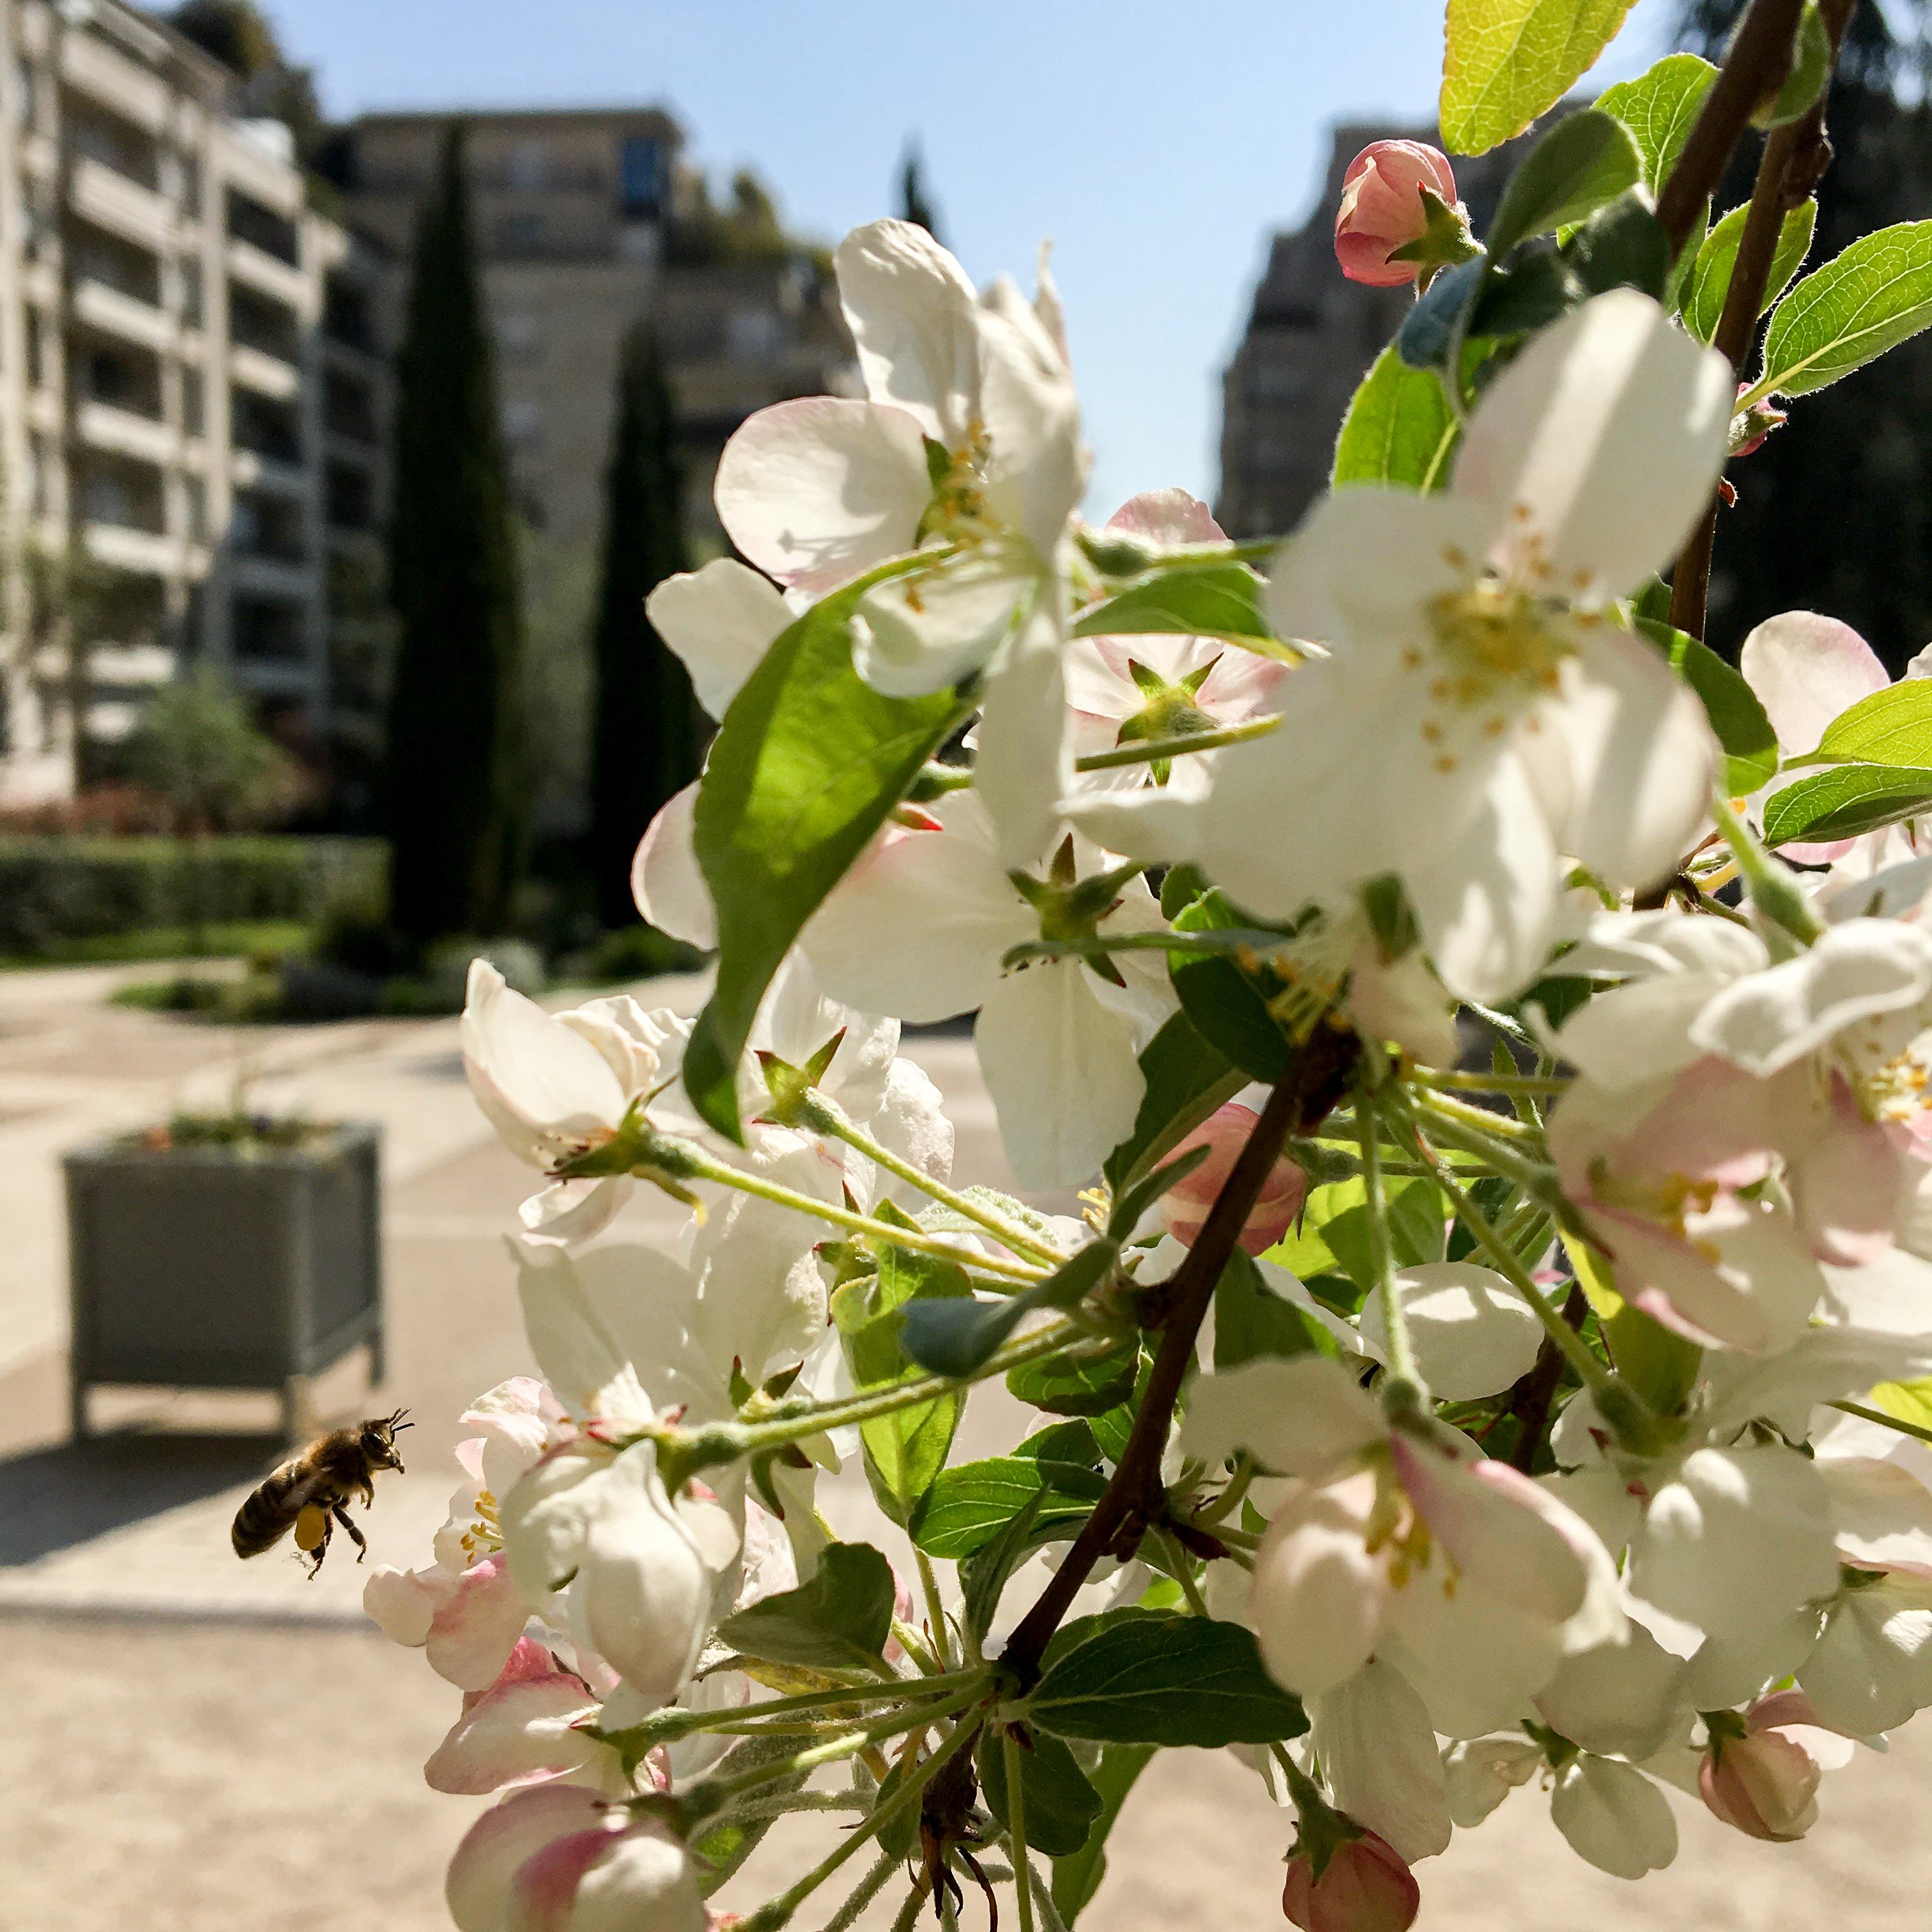 꽃과 벌_집 앞 공원에서-1.jpg